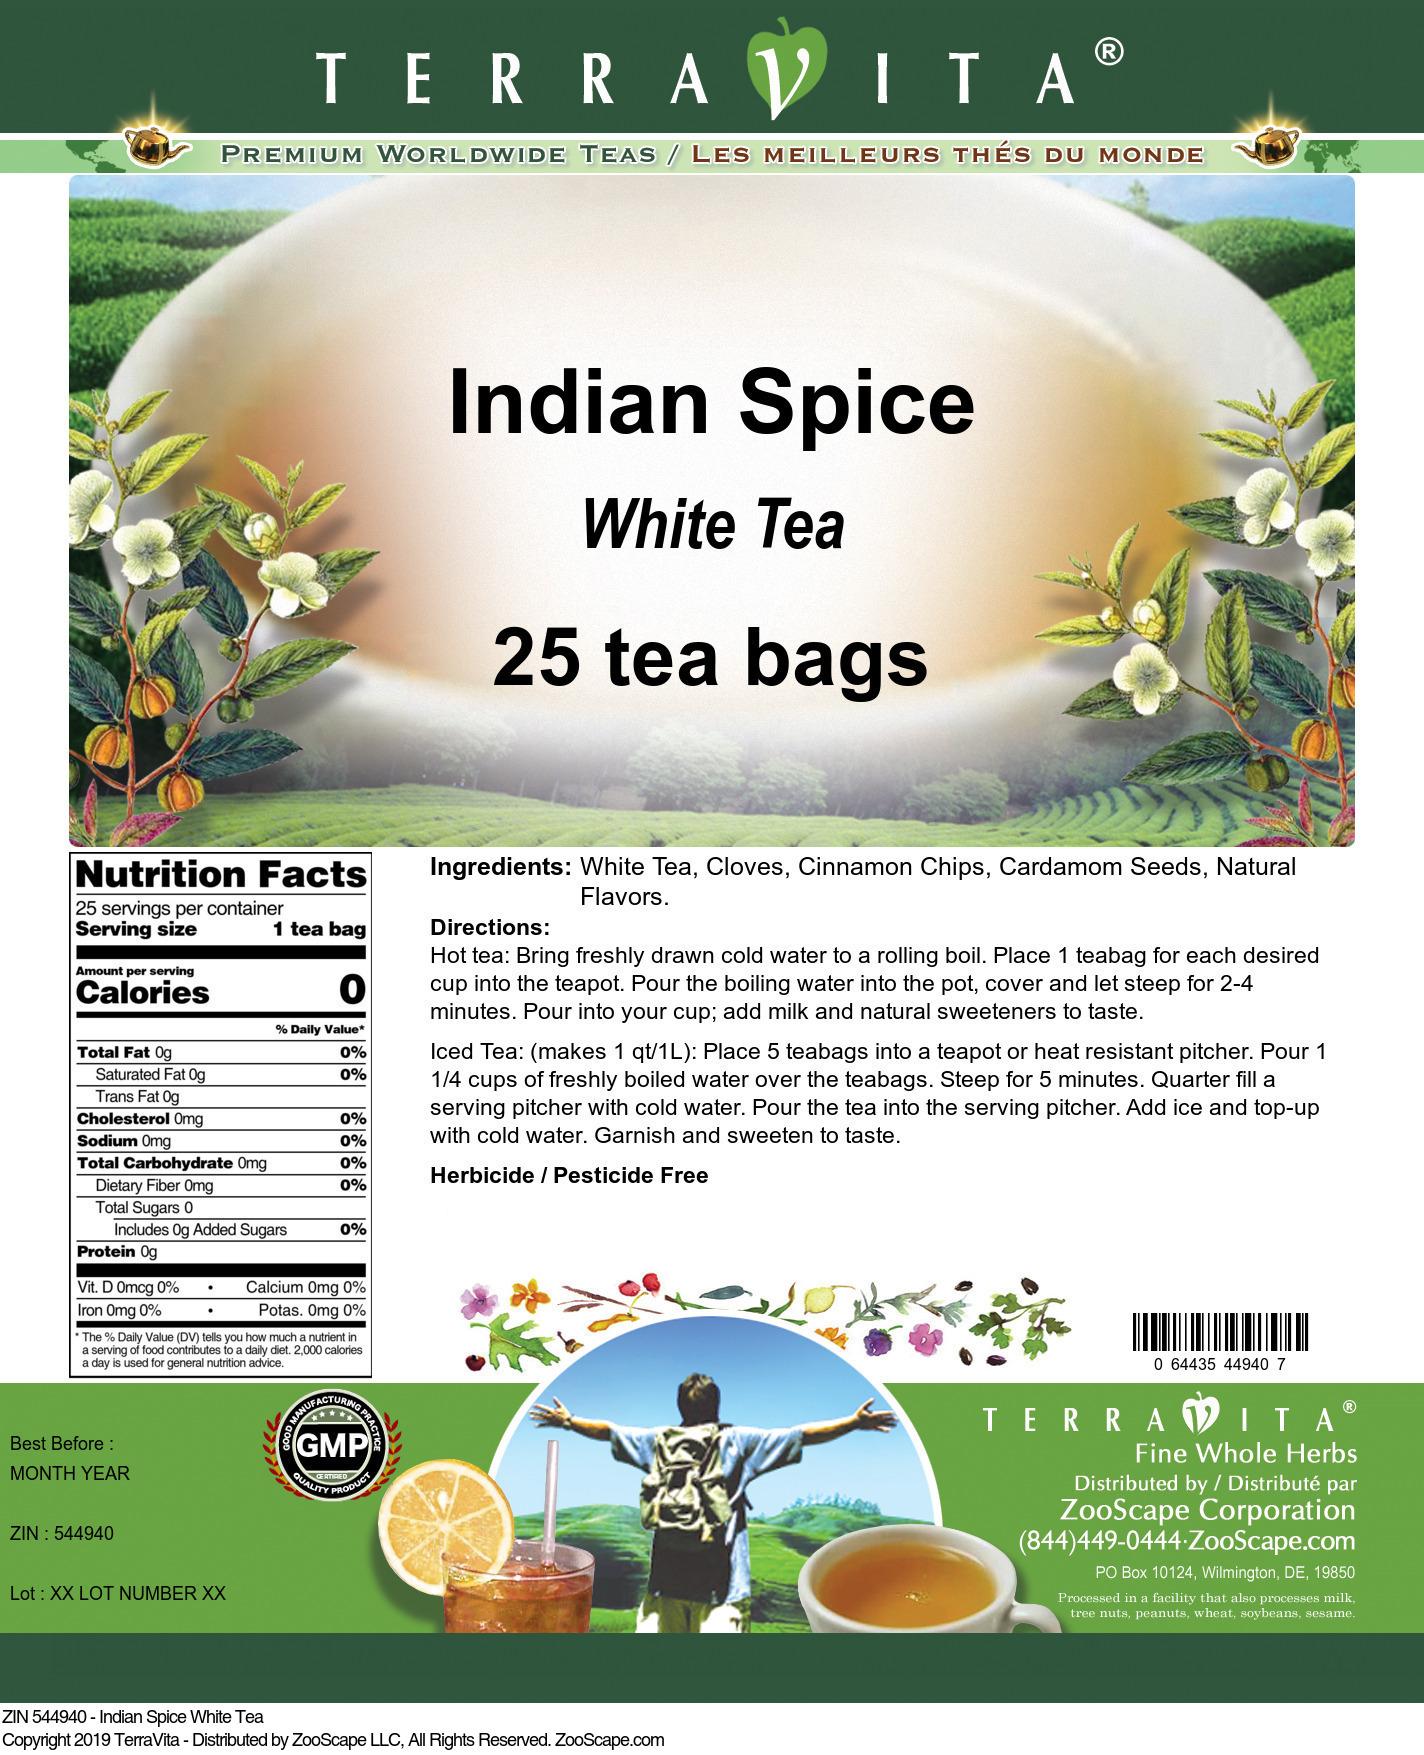 Indian Spice White Tea